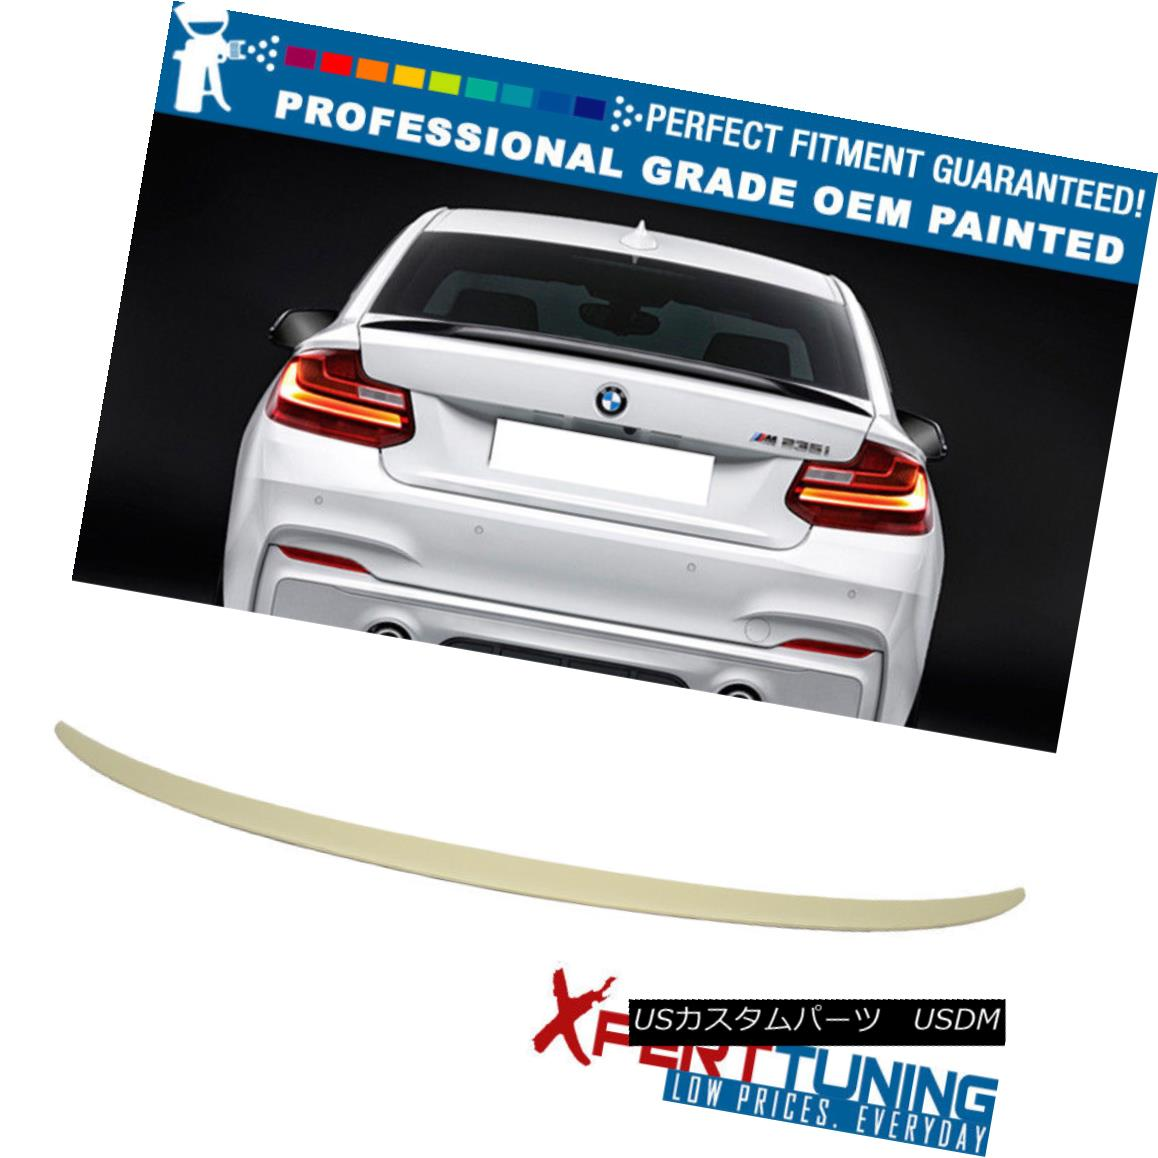 エアロパーツ 14-18 BMW 2-Series F22 Performance Painted Trunk Spoiler - OEM Painted Color 14-18 BMW 2シリーズF22性能塗装トランク・スポイラー - OEM塗装色